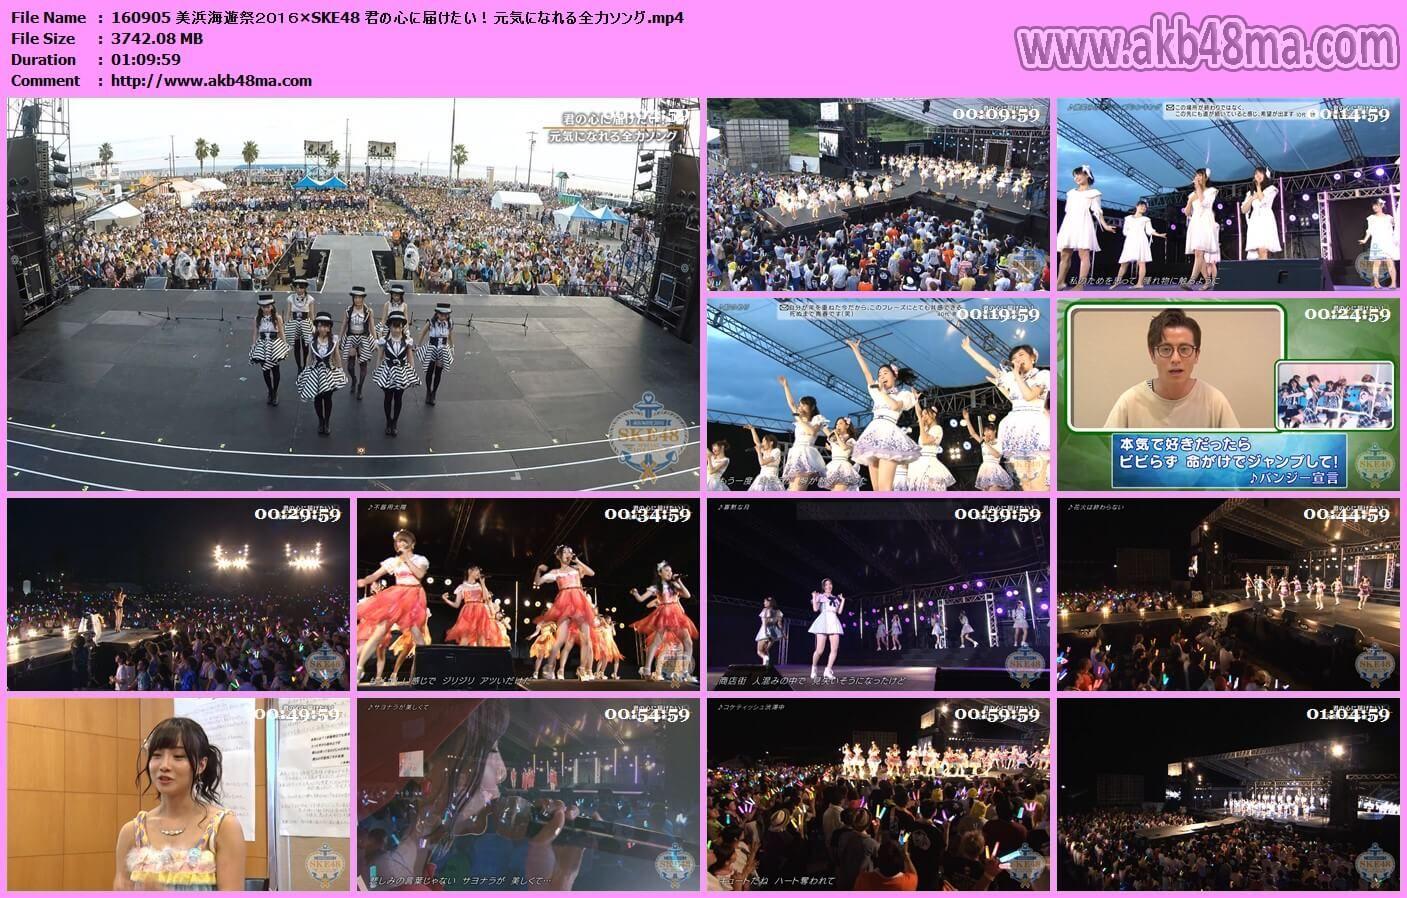 公演配信160905 美浜海遊祭xSKE48   160905 美浜海遊祭xSKE48 君の心に届けたい元気になれる全力ソング ALFAFILE160905.Mihama.Live.part1.rar160905.Mihama.Live.part2.rar160905.Mihama.Live.part3.rar160905.Mihama.Live.part4.rar ALFAFILE Note : AKB48MA.com Please Update Bookmark our Pemanent Site of AKB劇場 ! Thanks. HOW TO APPRECIATE ? ほんの少し笑顔 ! If You Like Then Share Us on Facebook Google Plus Twitter ! Recomended for High Speed Download Buy a Premium Through Our Links ! Keep Visiting Sharing all JAPANESE MEDIA ! Again Thanks For…